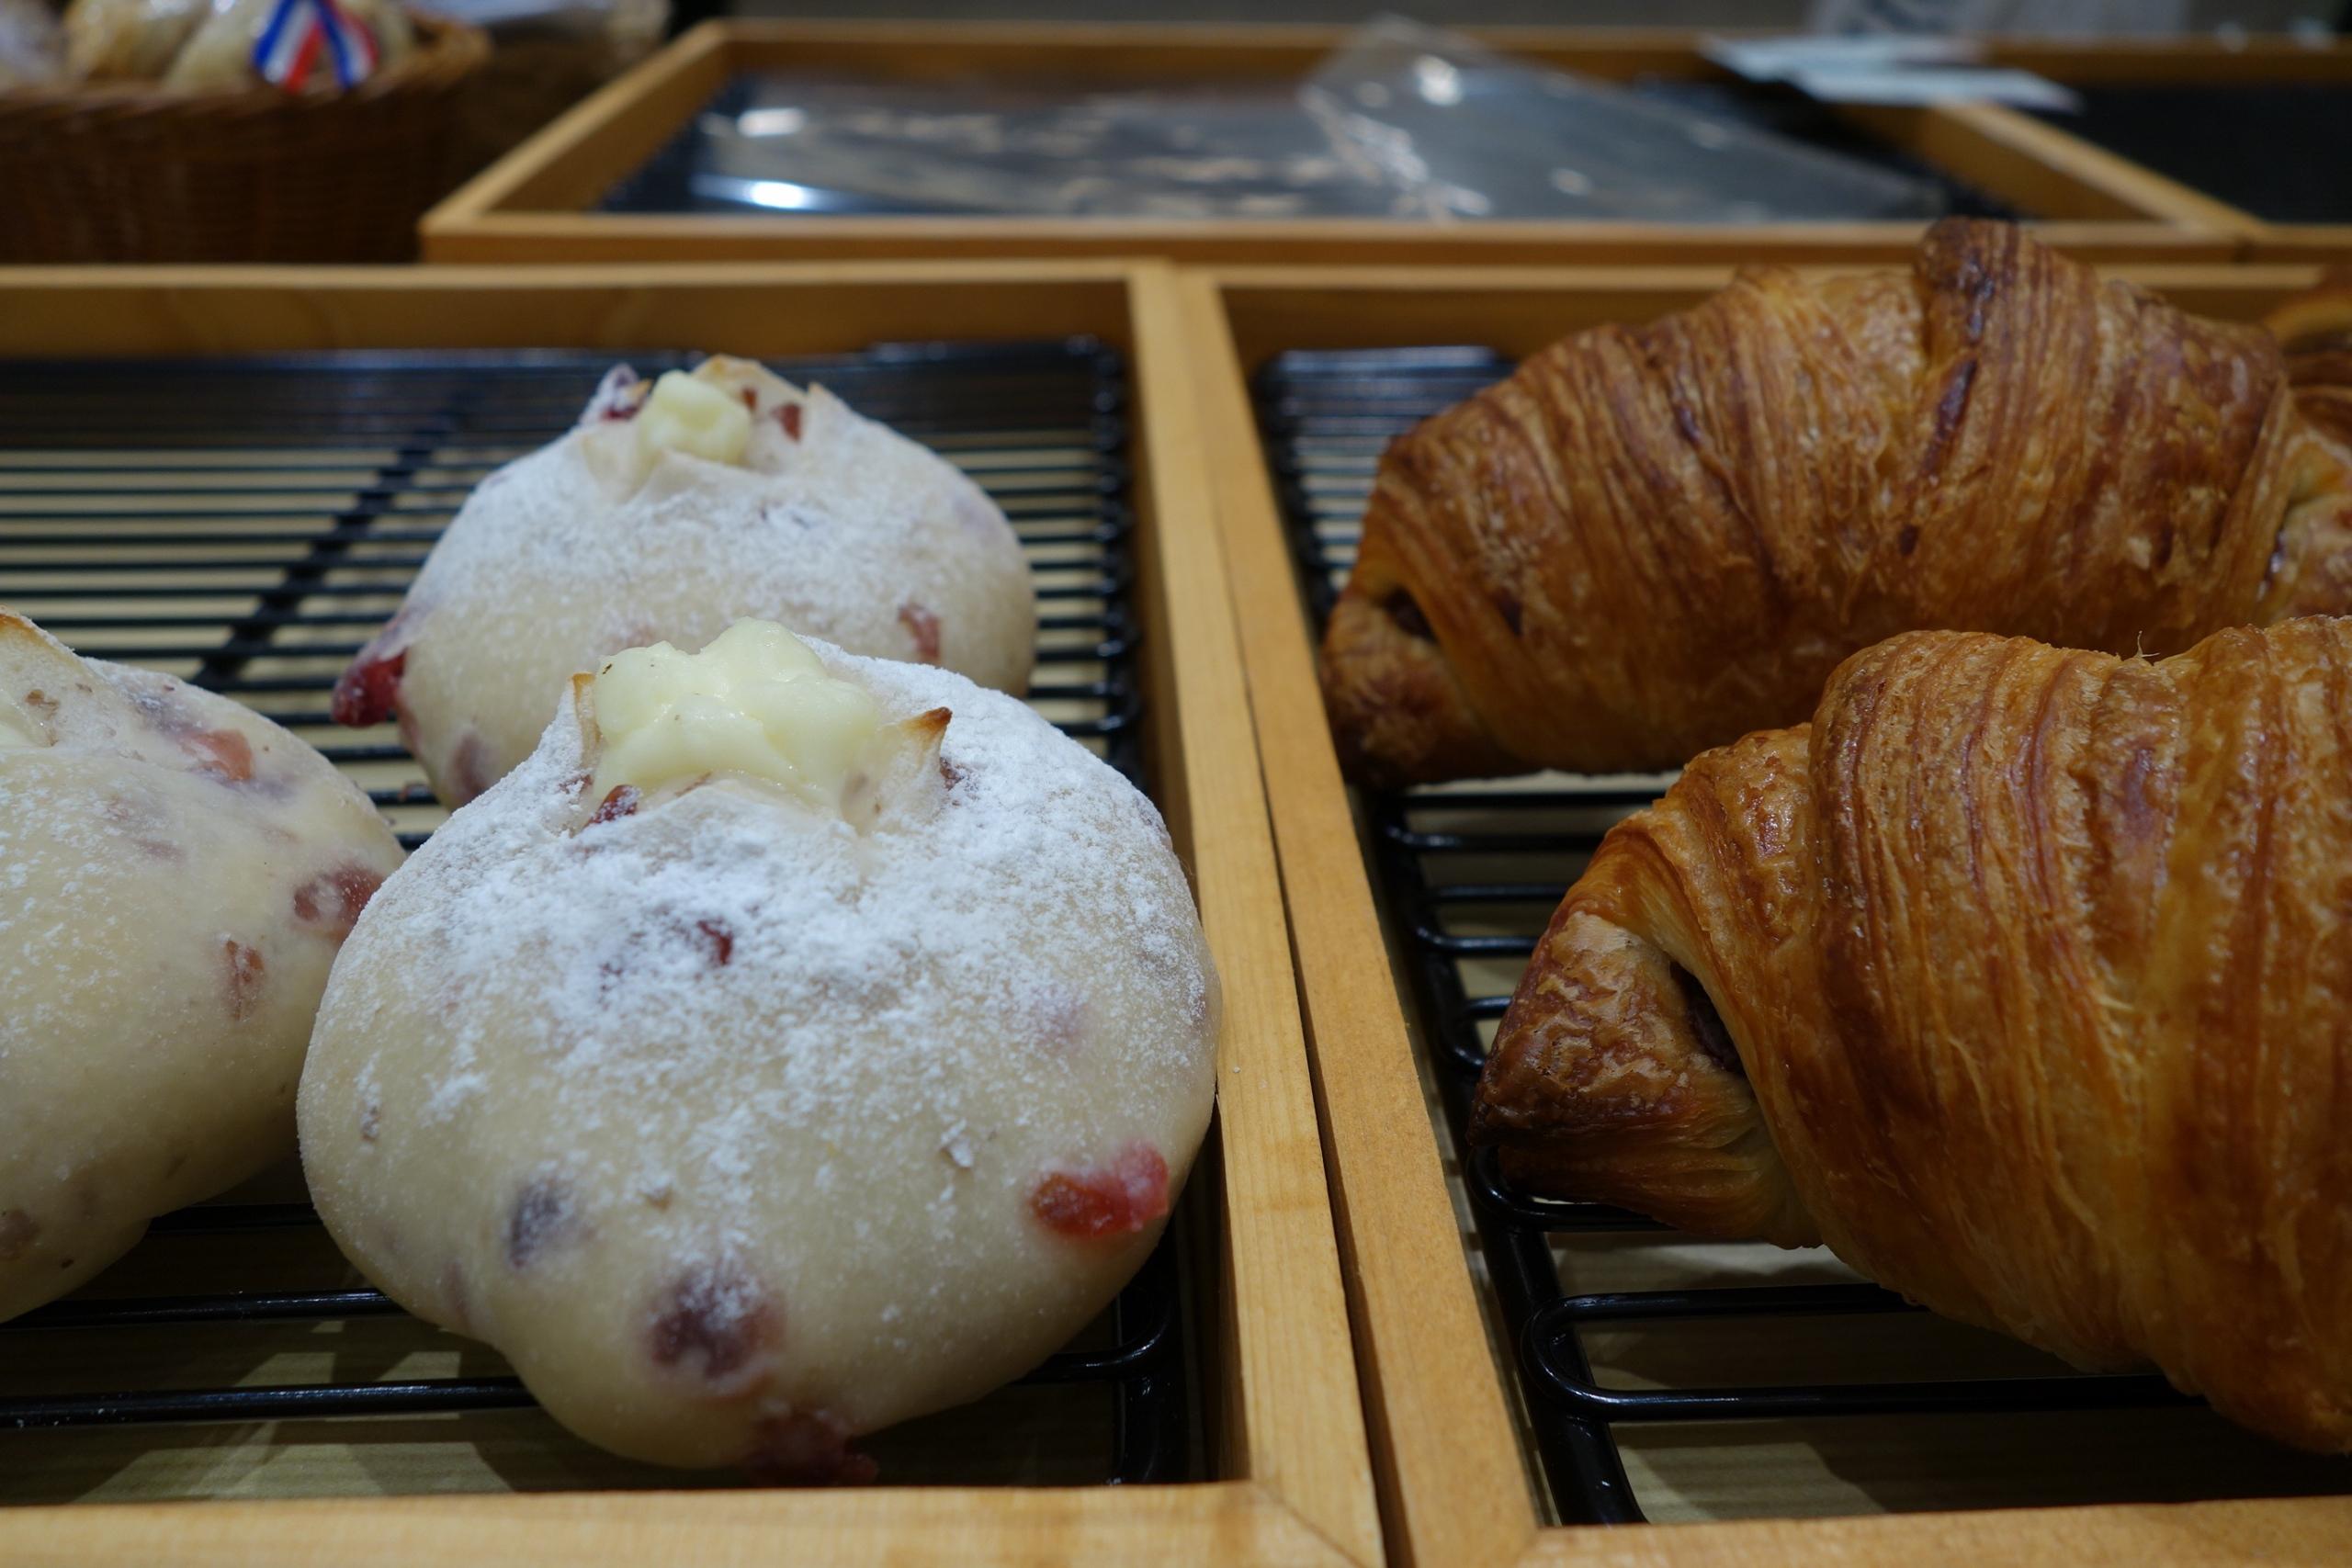 「米粉パン ルリ」のクランベリーとクリームチーズ286円、もちチョコクロワッサン264円。いずれもモチッとした食感が魅力